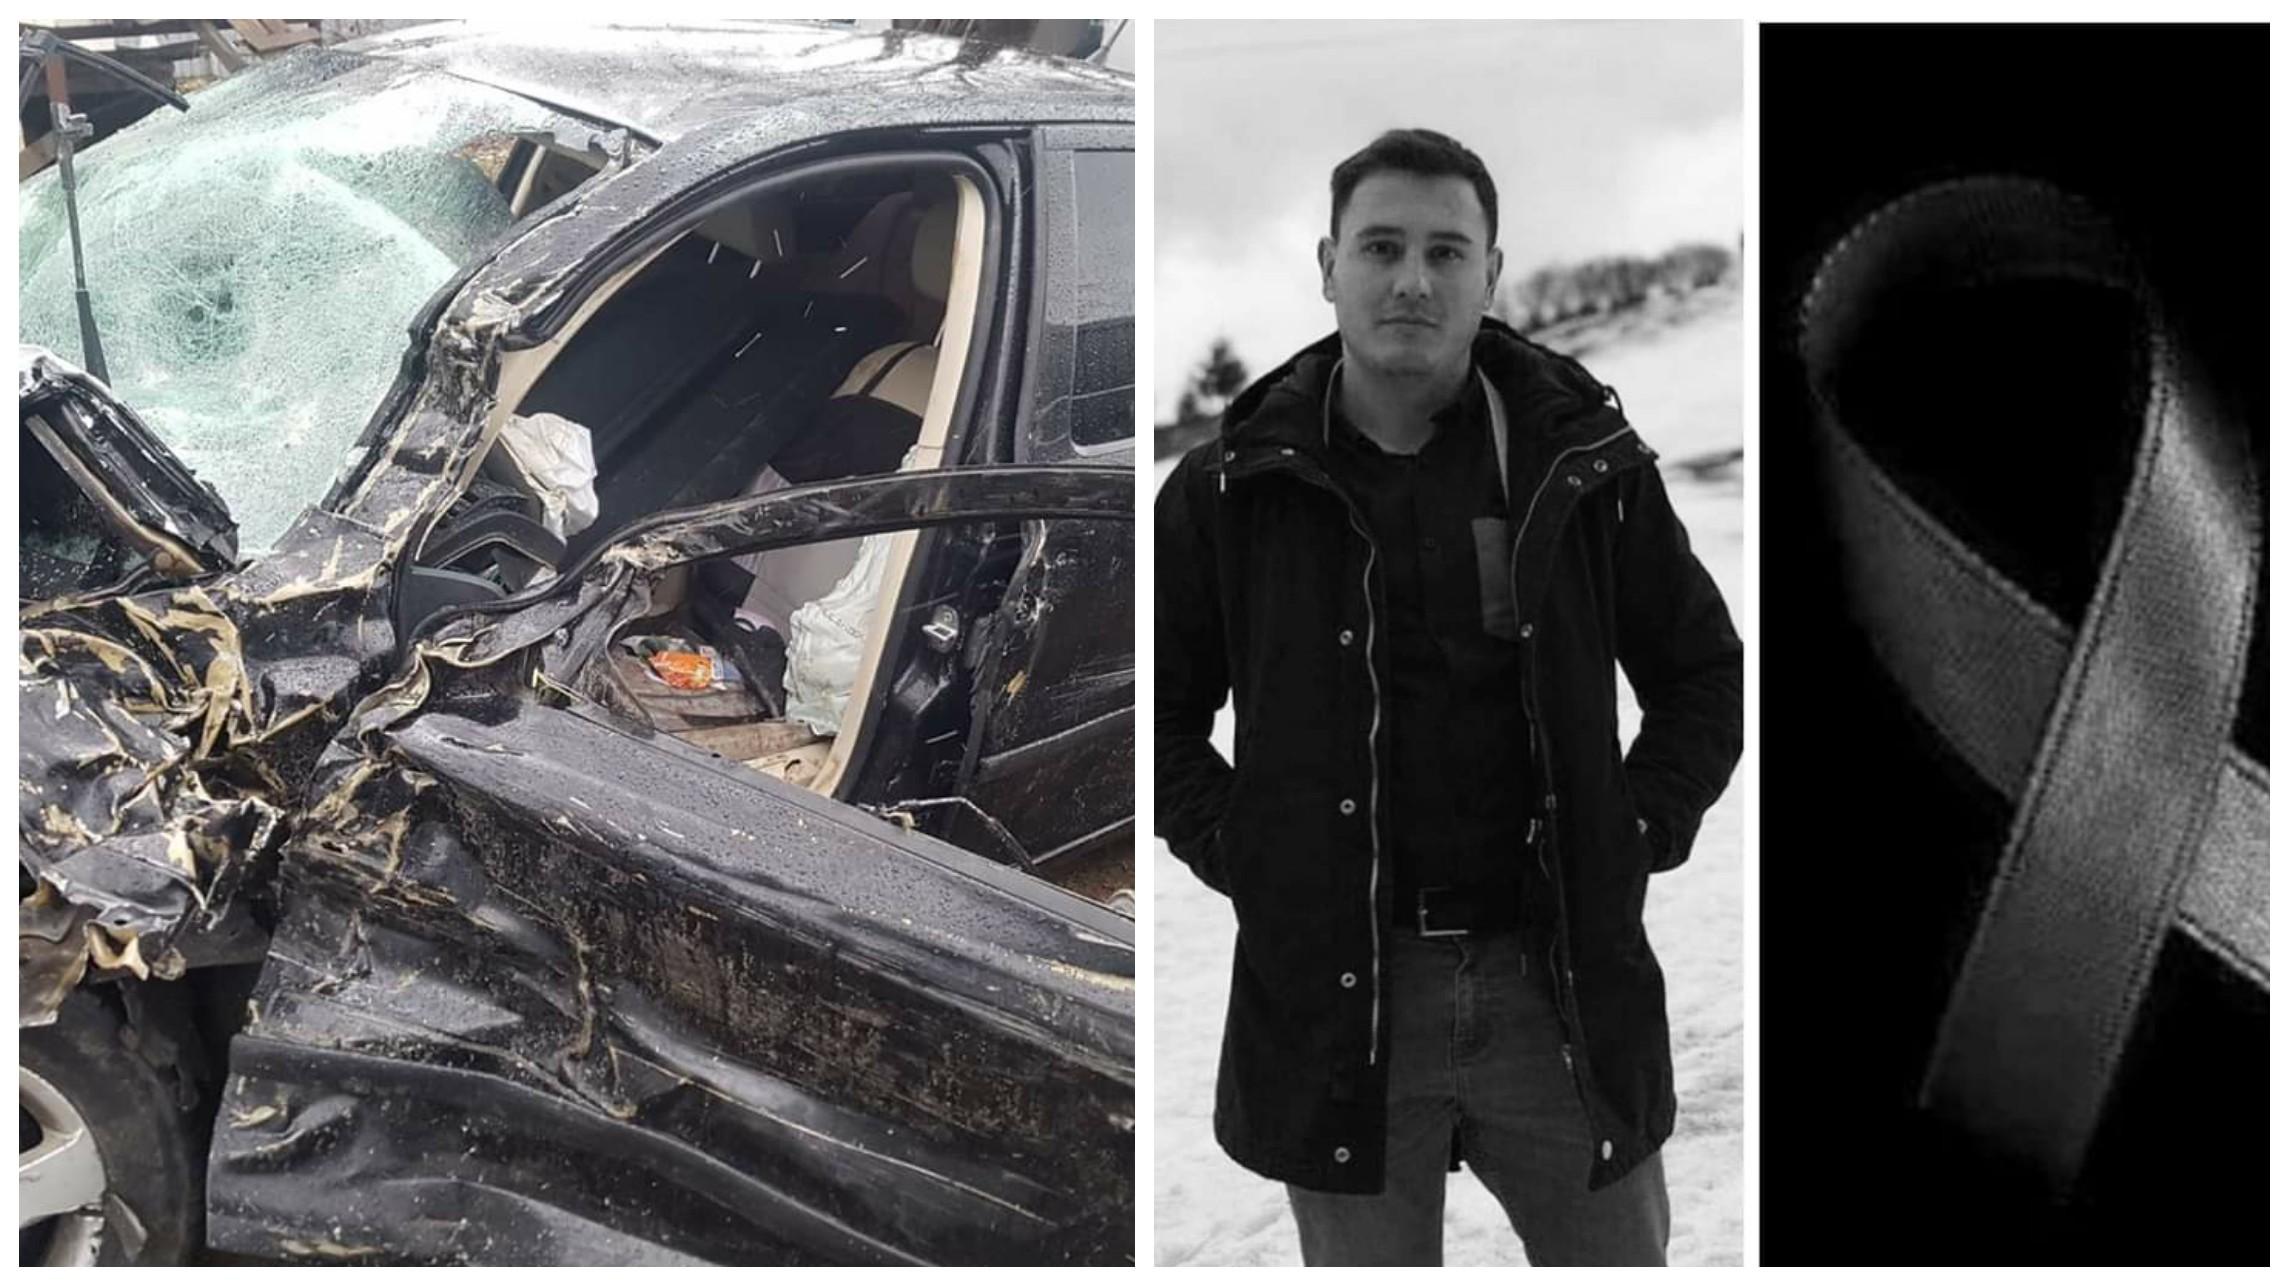 A murit Andrei, tânărul de 29 ani, acesta era în comă la Bacău, în urma unui accident rutier  provocat de un șofer băut